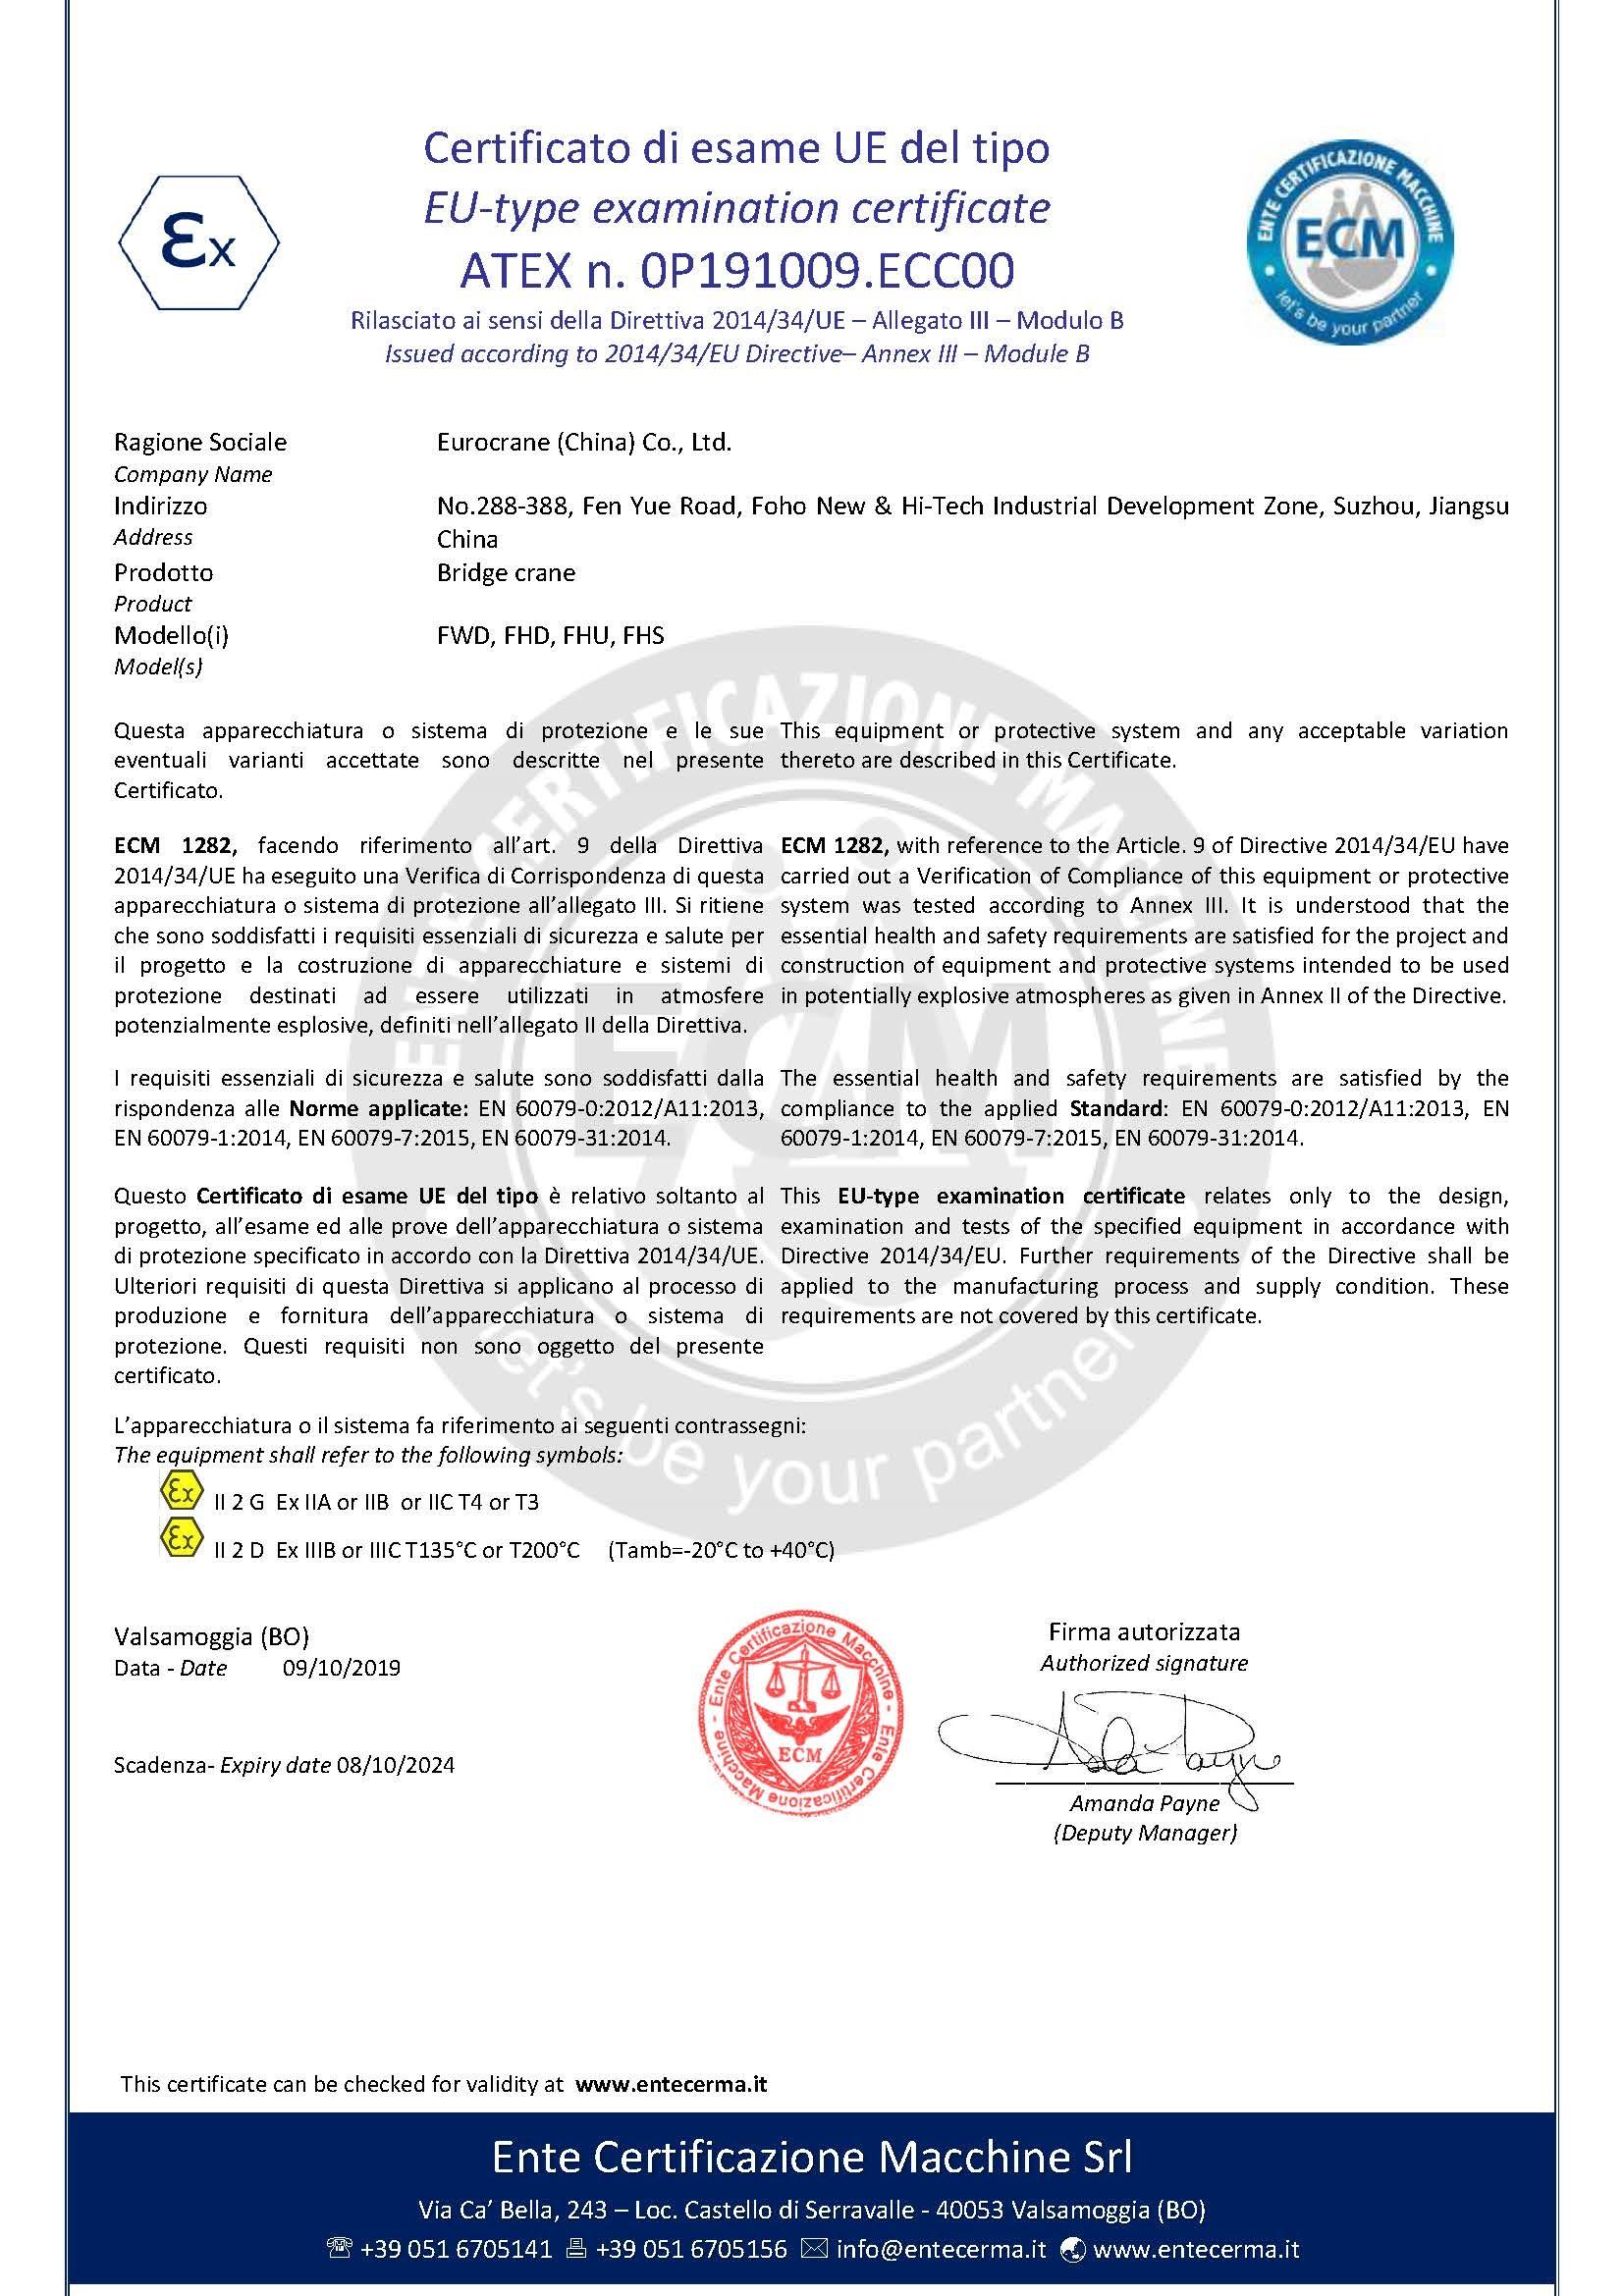 4. ATEX FWD FHD FHU FHS 0P191009.ECC00